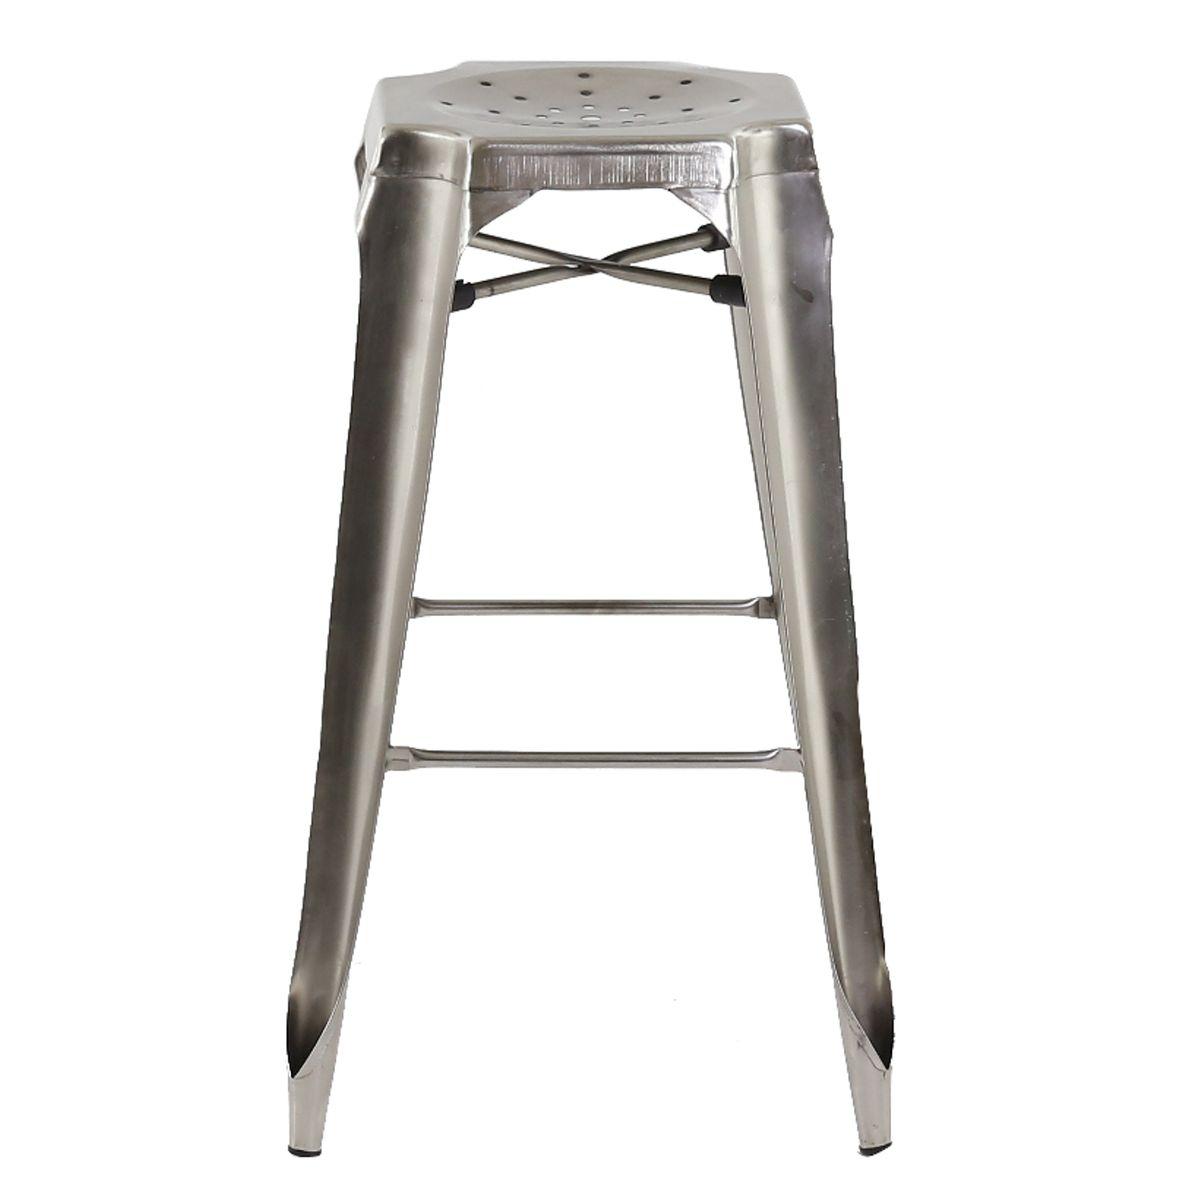 Tabouret de bar industriel en métal  gris foncé